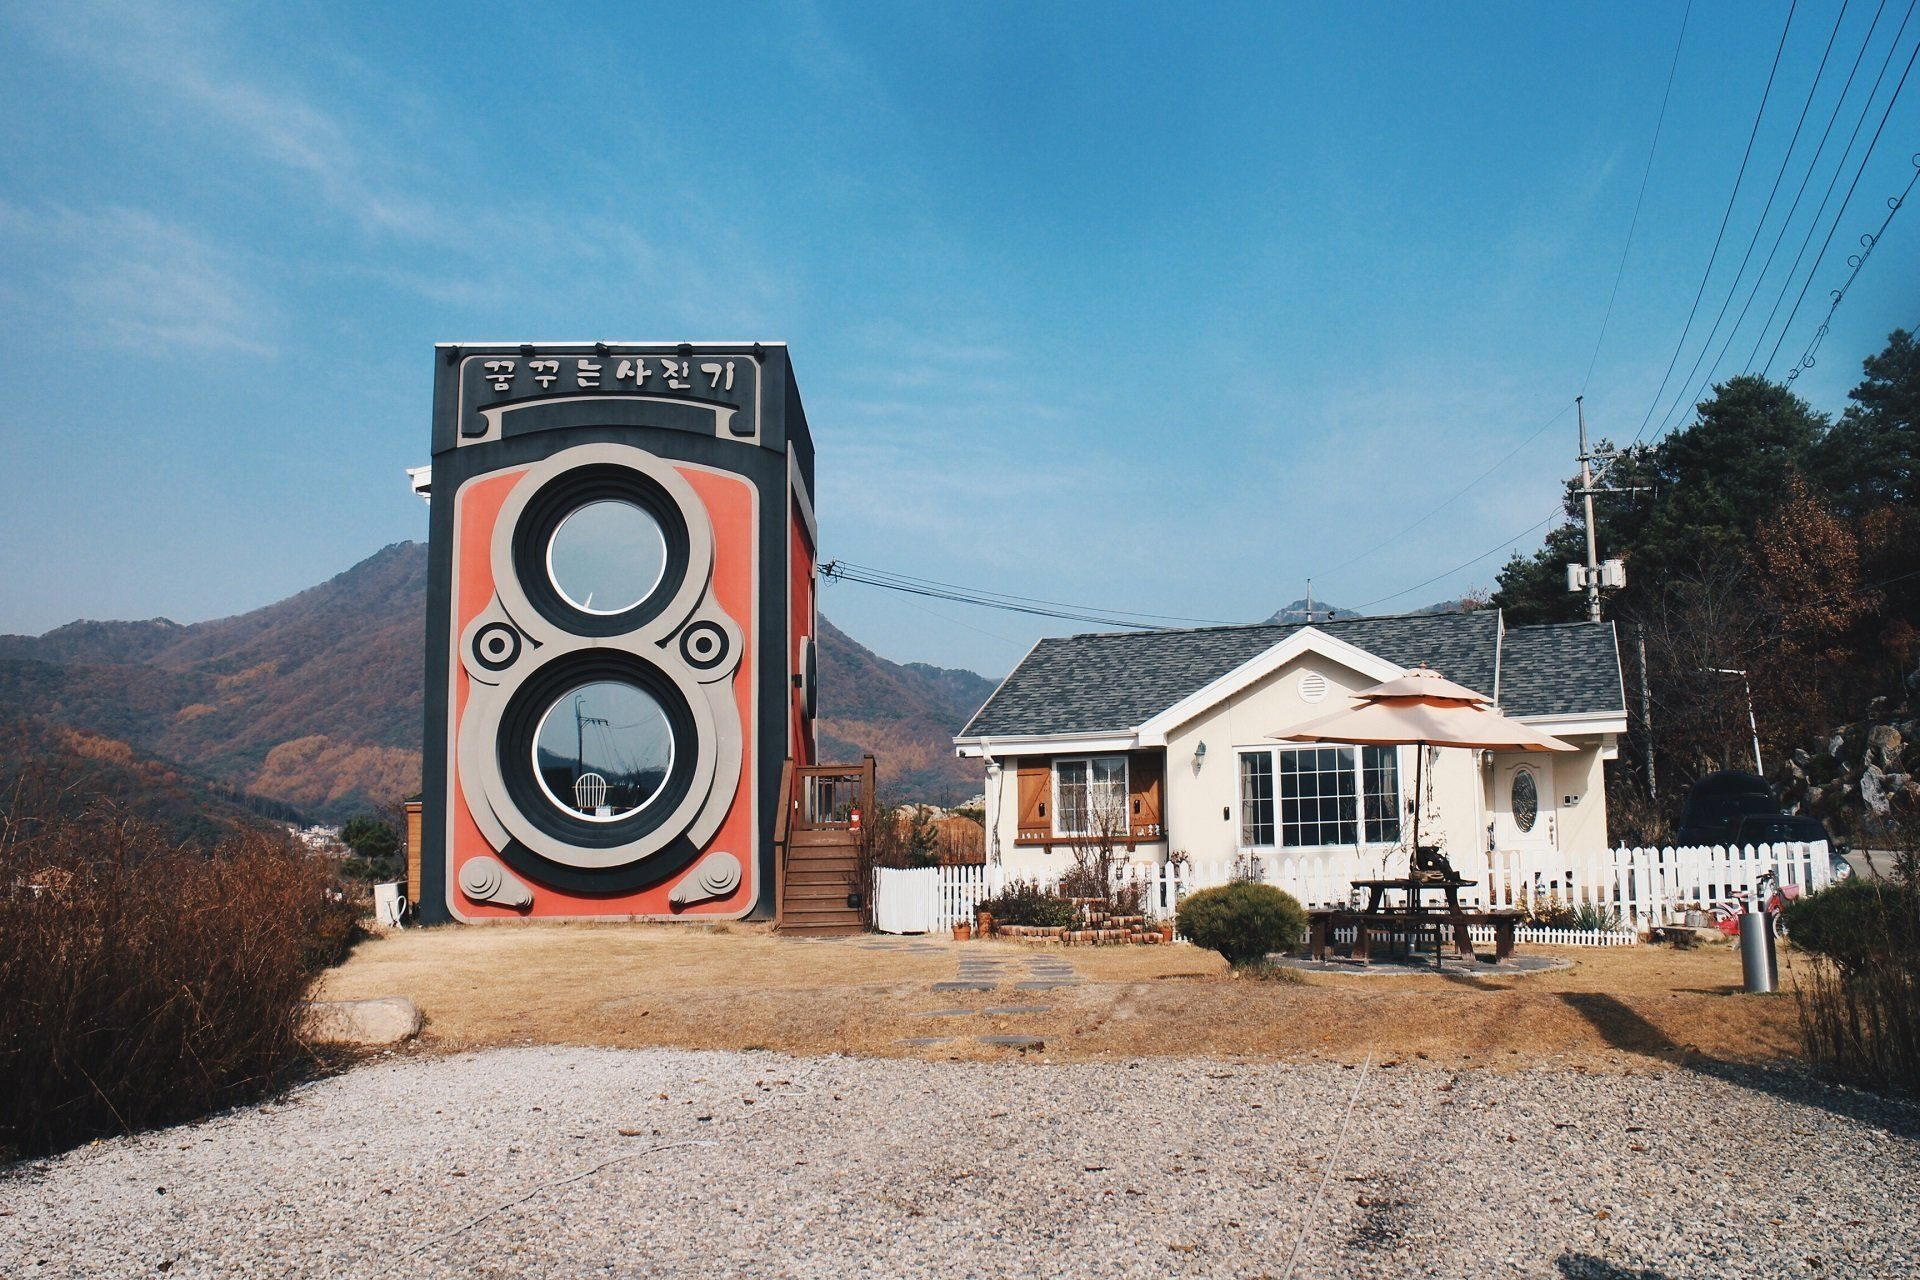 作夢的相機咖啡館.首爾相機咖啡館